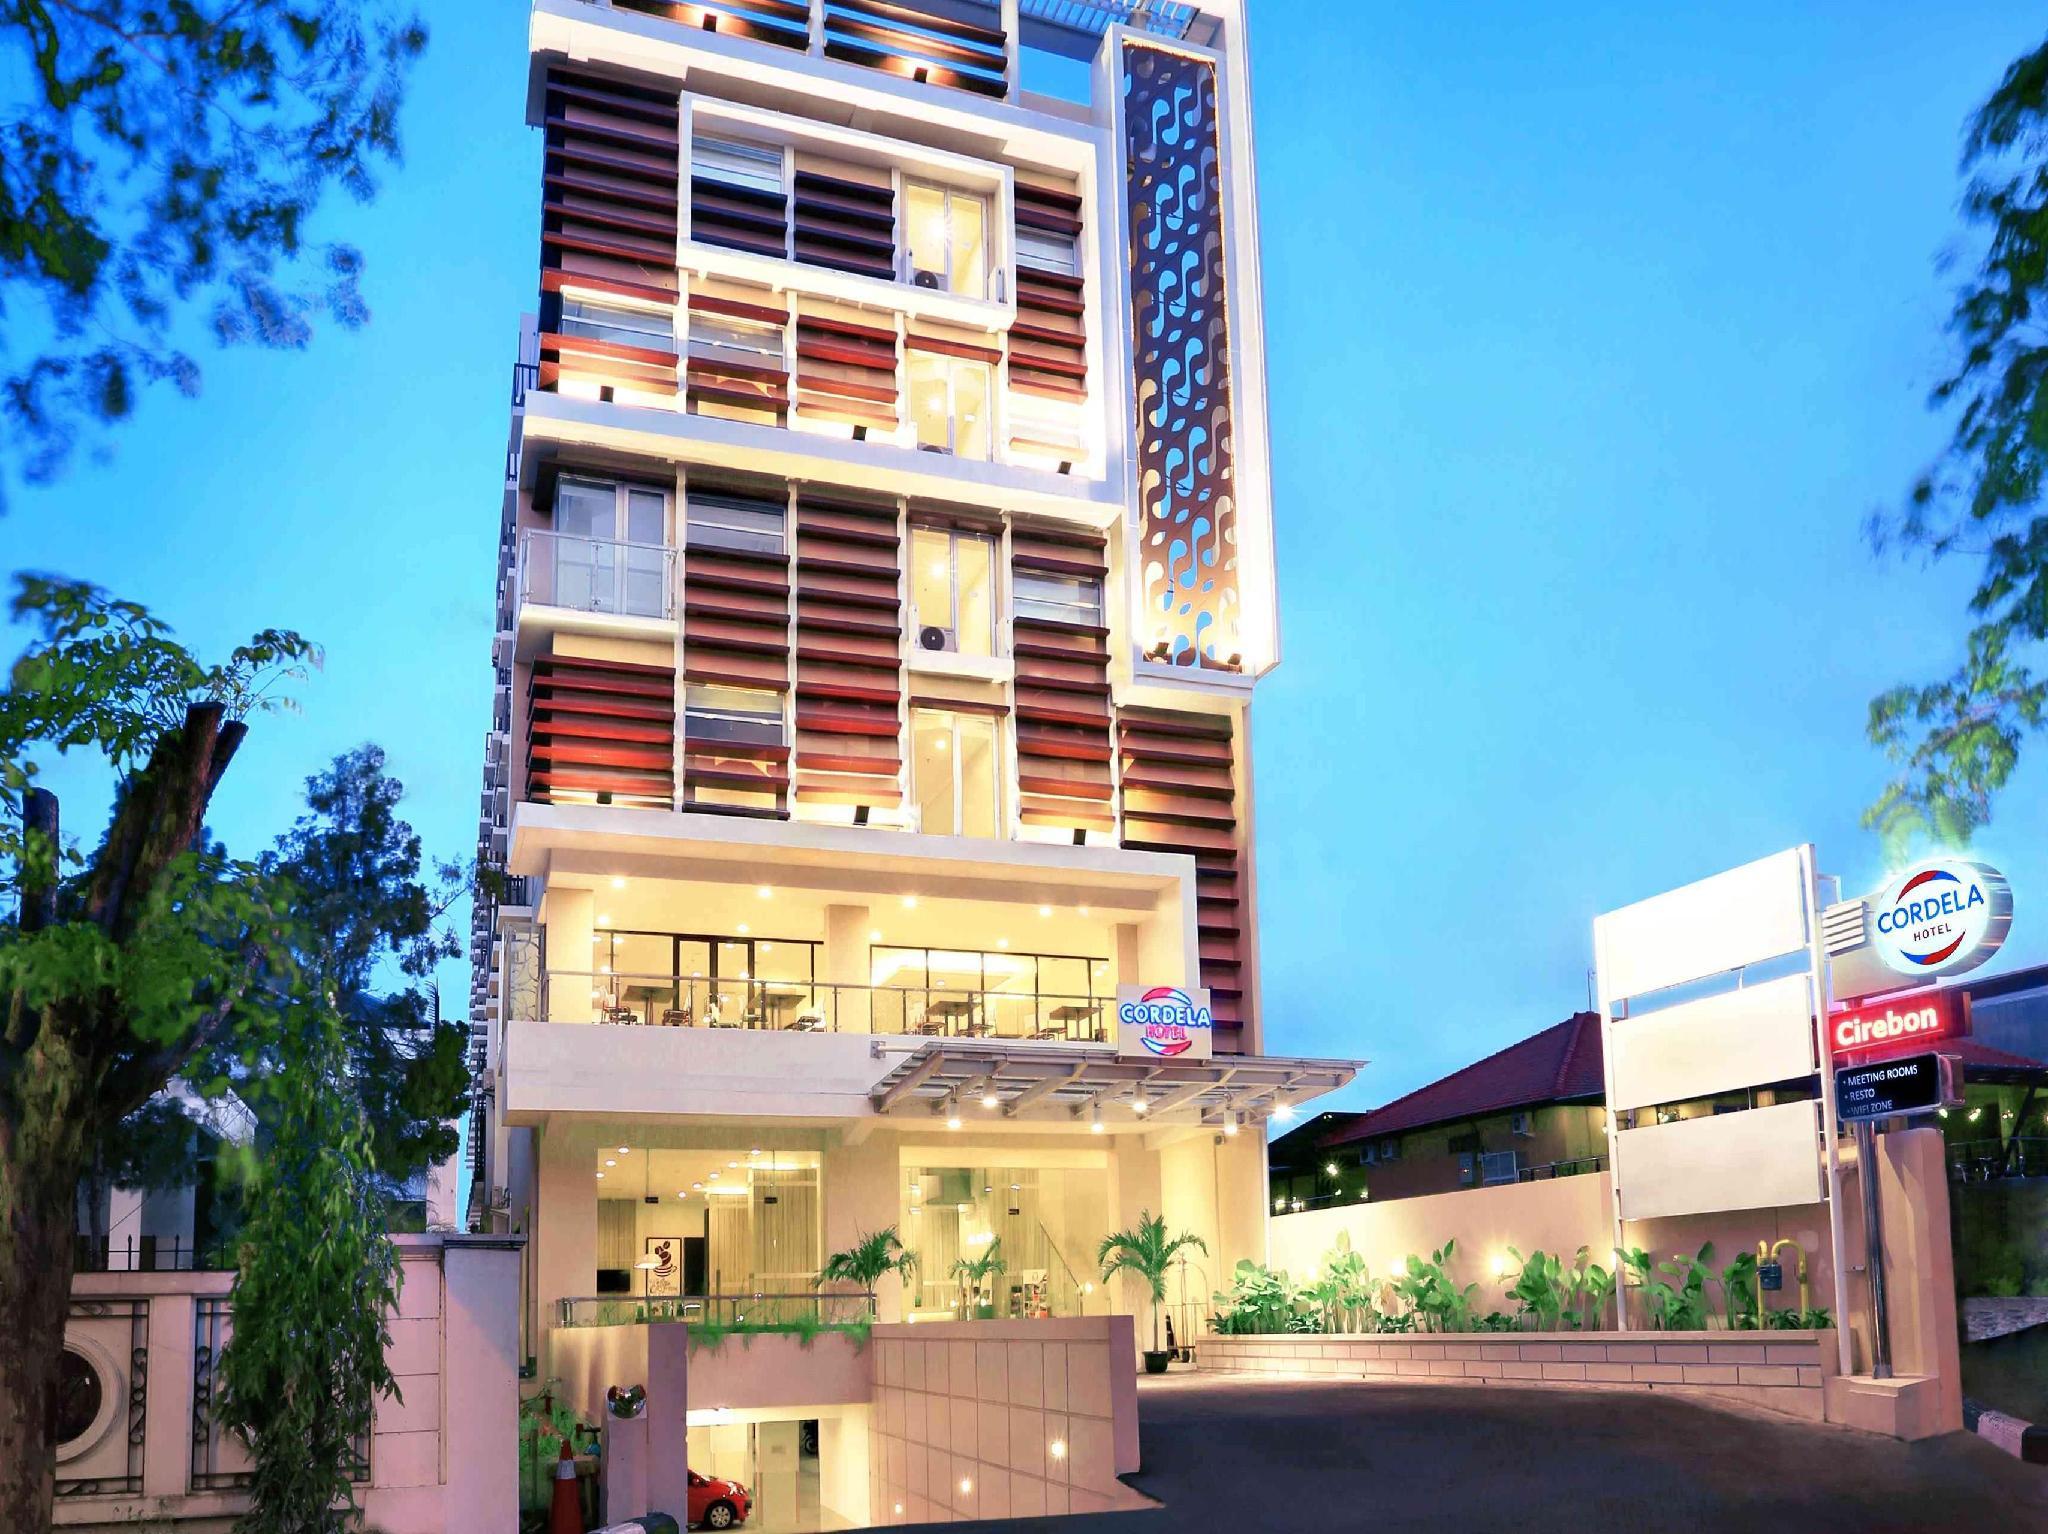 Cordela Hotel Cirebon